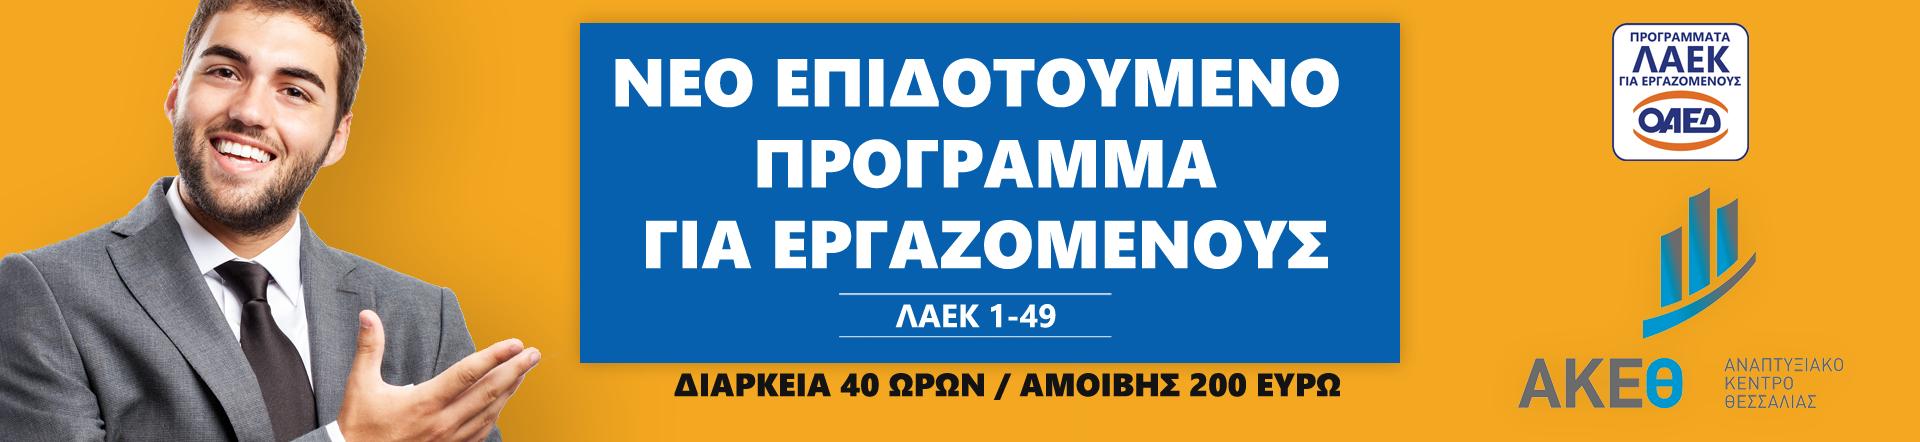 ΛΑΕΚ 2020 Επιδοτούμενο πρόγραμμα για εργαζομένους